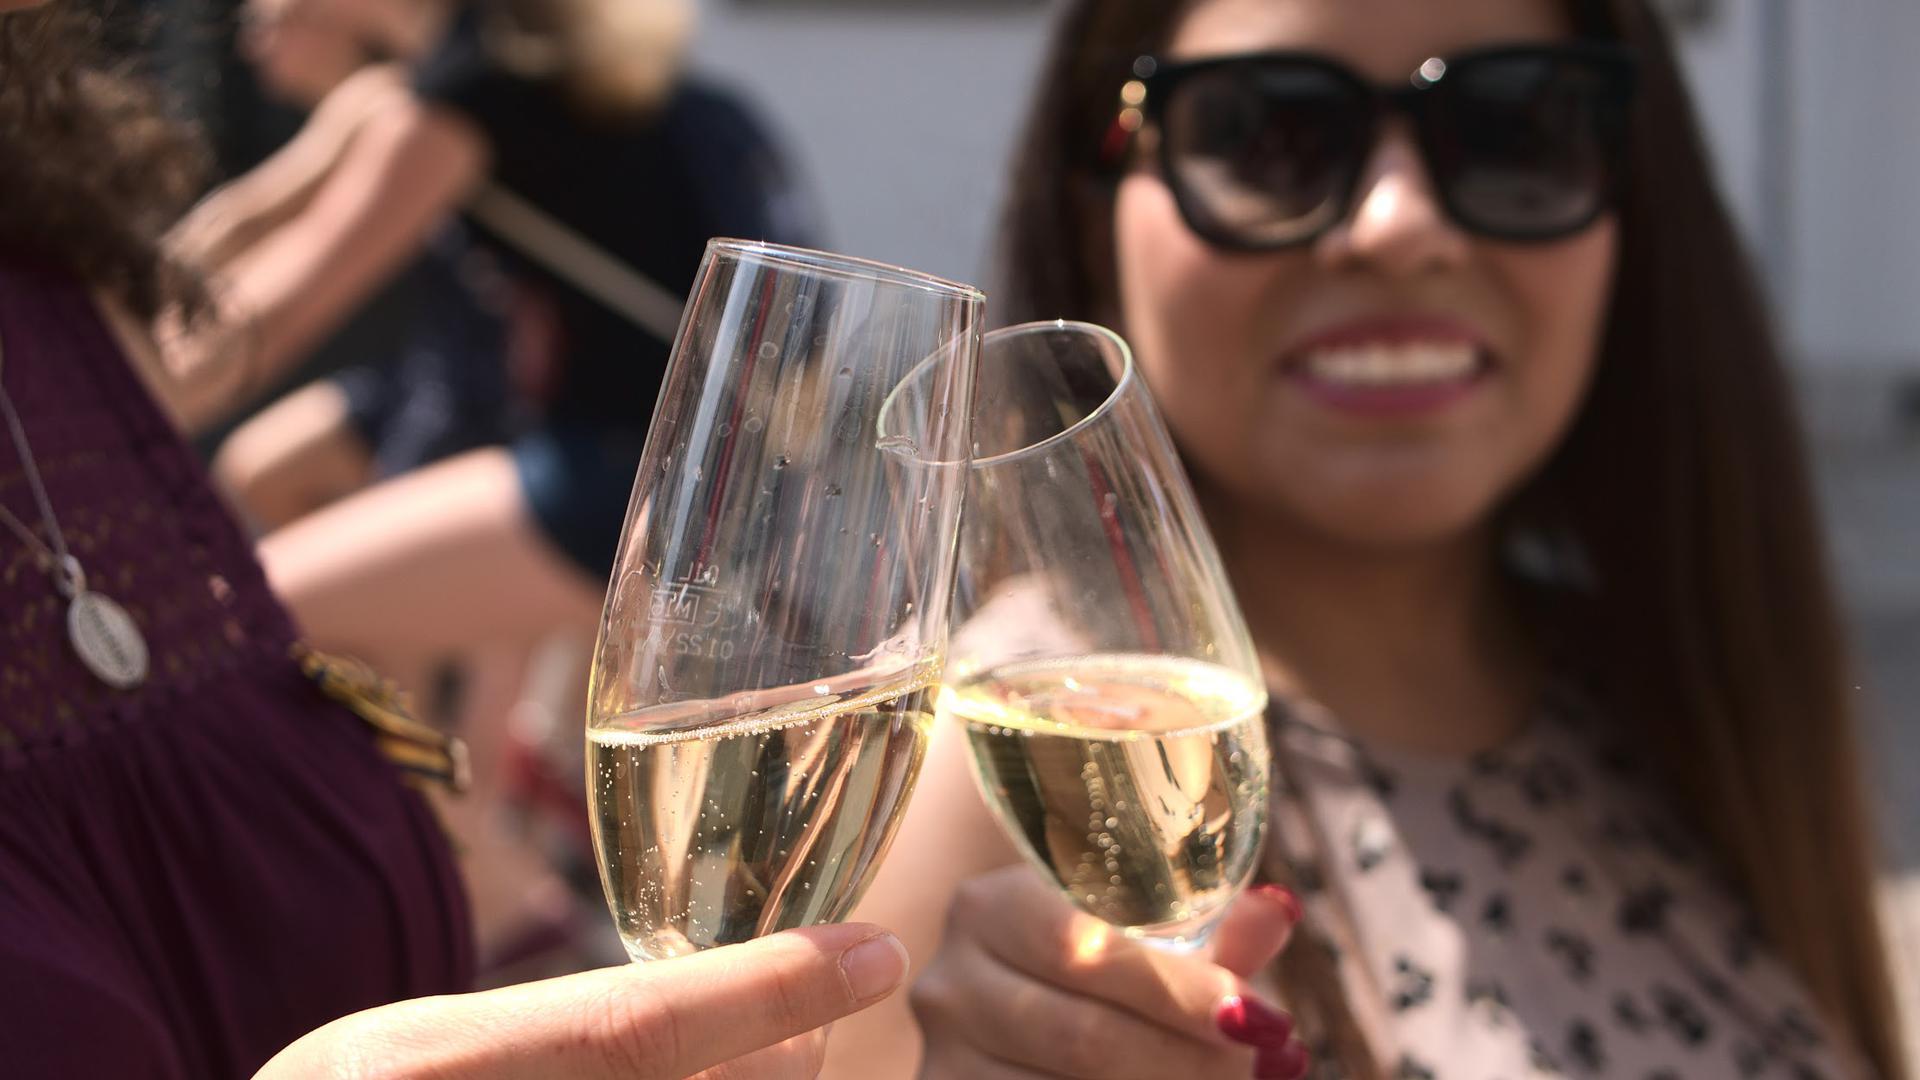 Feierliche Anlässe kommen auch bei der Damenverbindung nicht zu kurz, doch im Kern geht es um akademischen und gesellschaftlichen Austausch.